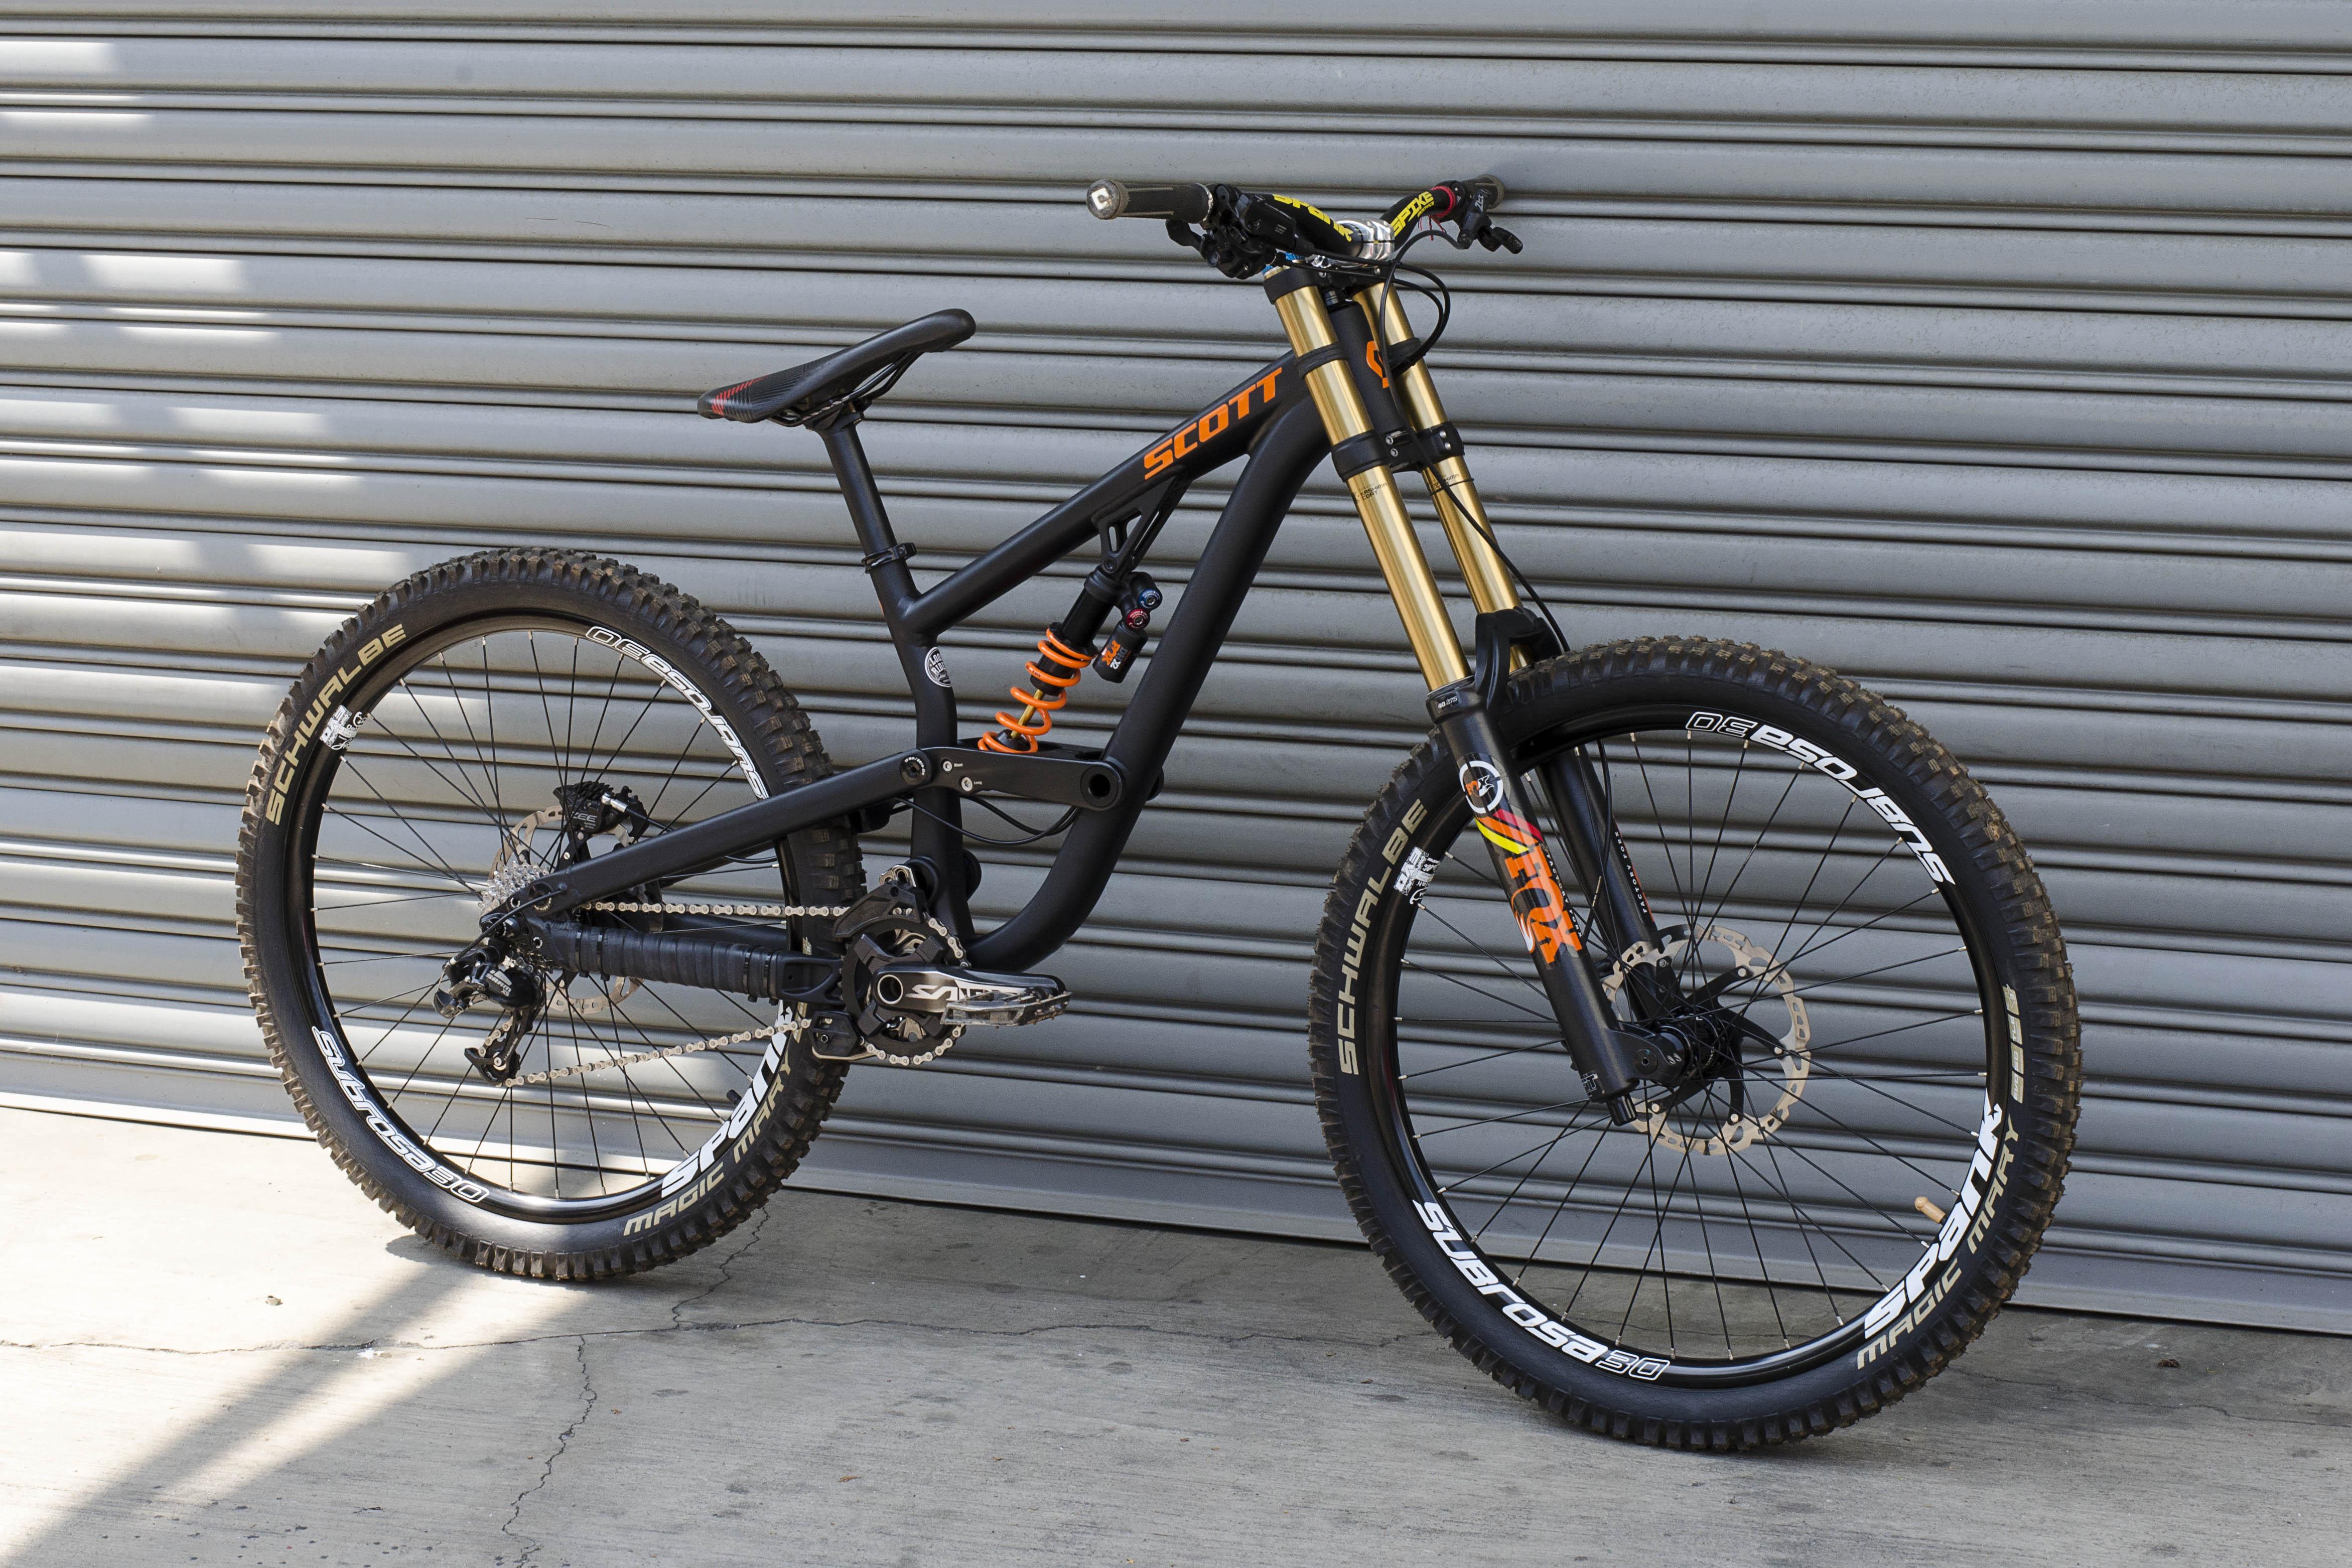 2015 scott voltage fr730 custom paint bikerlink chaselee 39 s bike check vital mtb. Black Bedroom Furniture Sets. Home Design Ideas